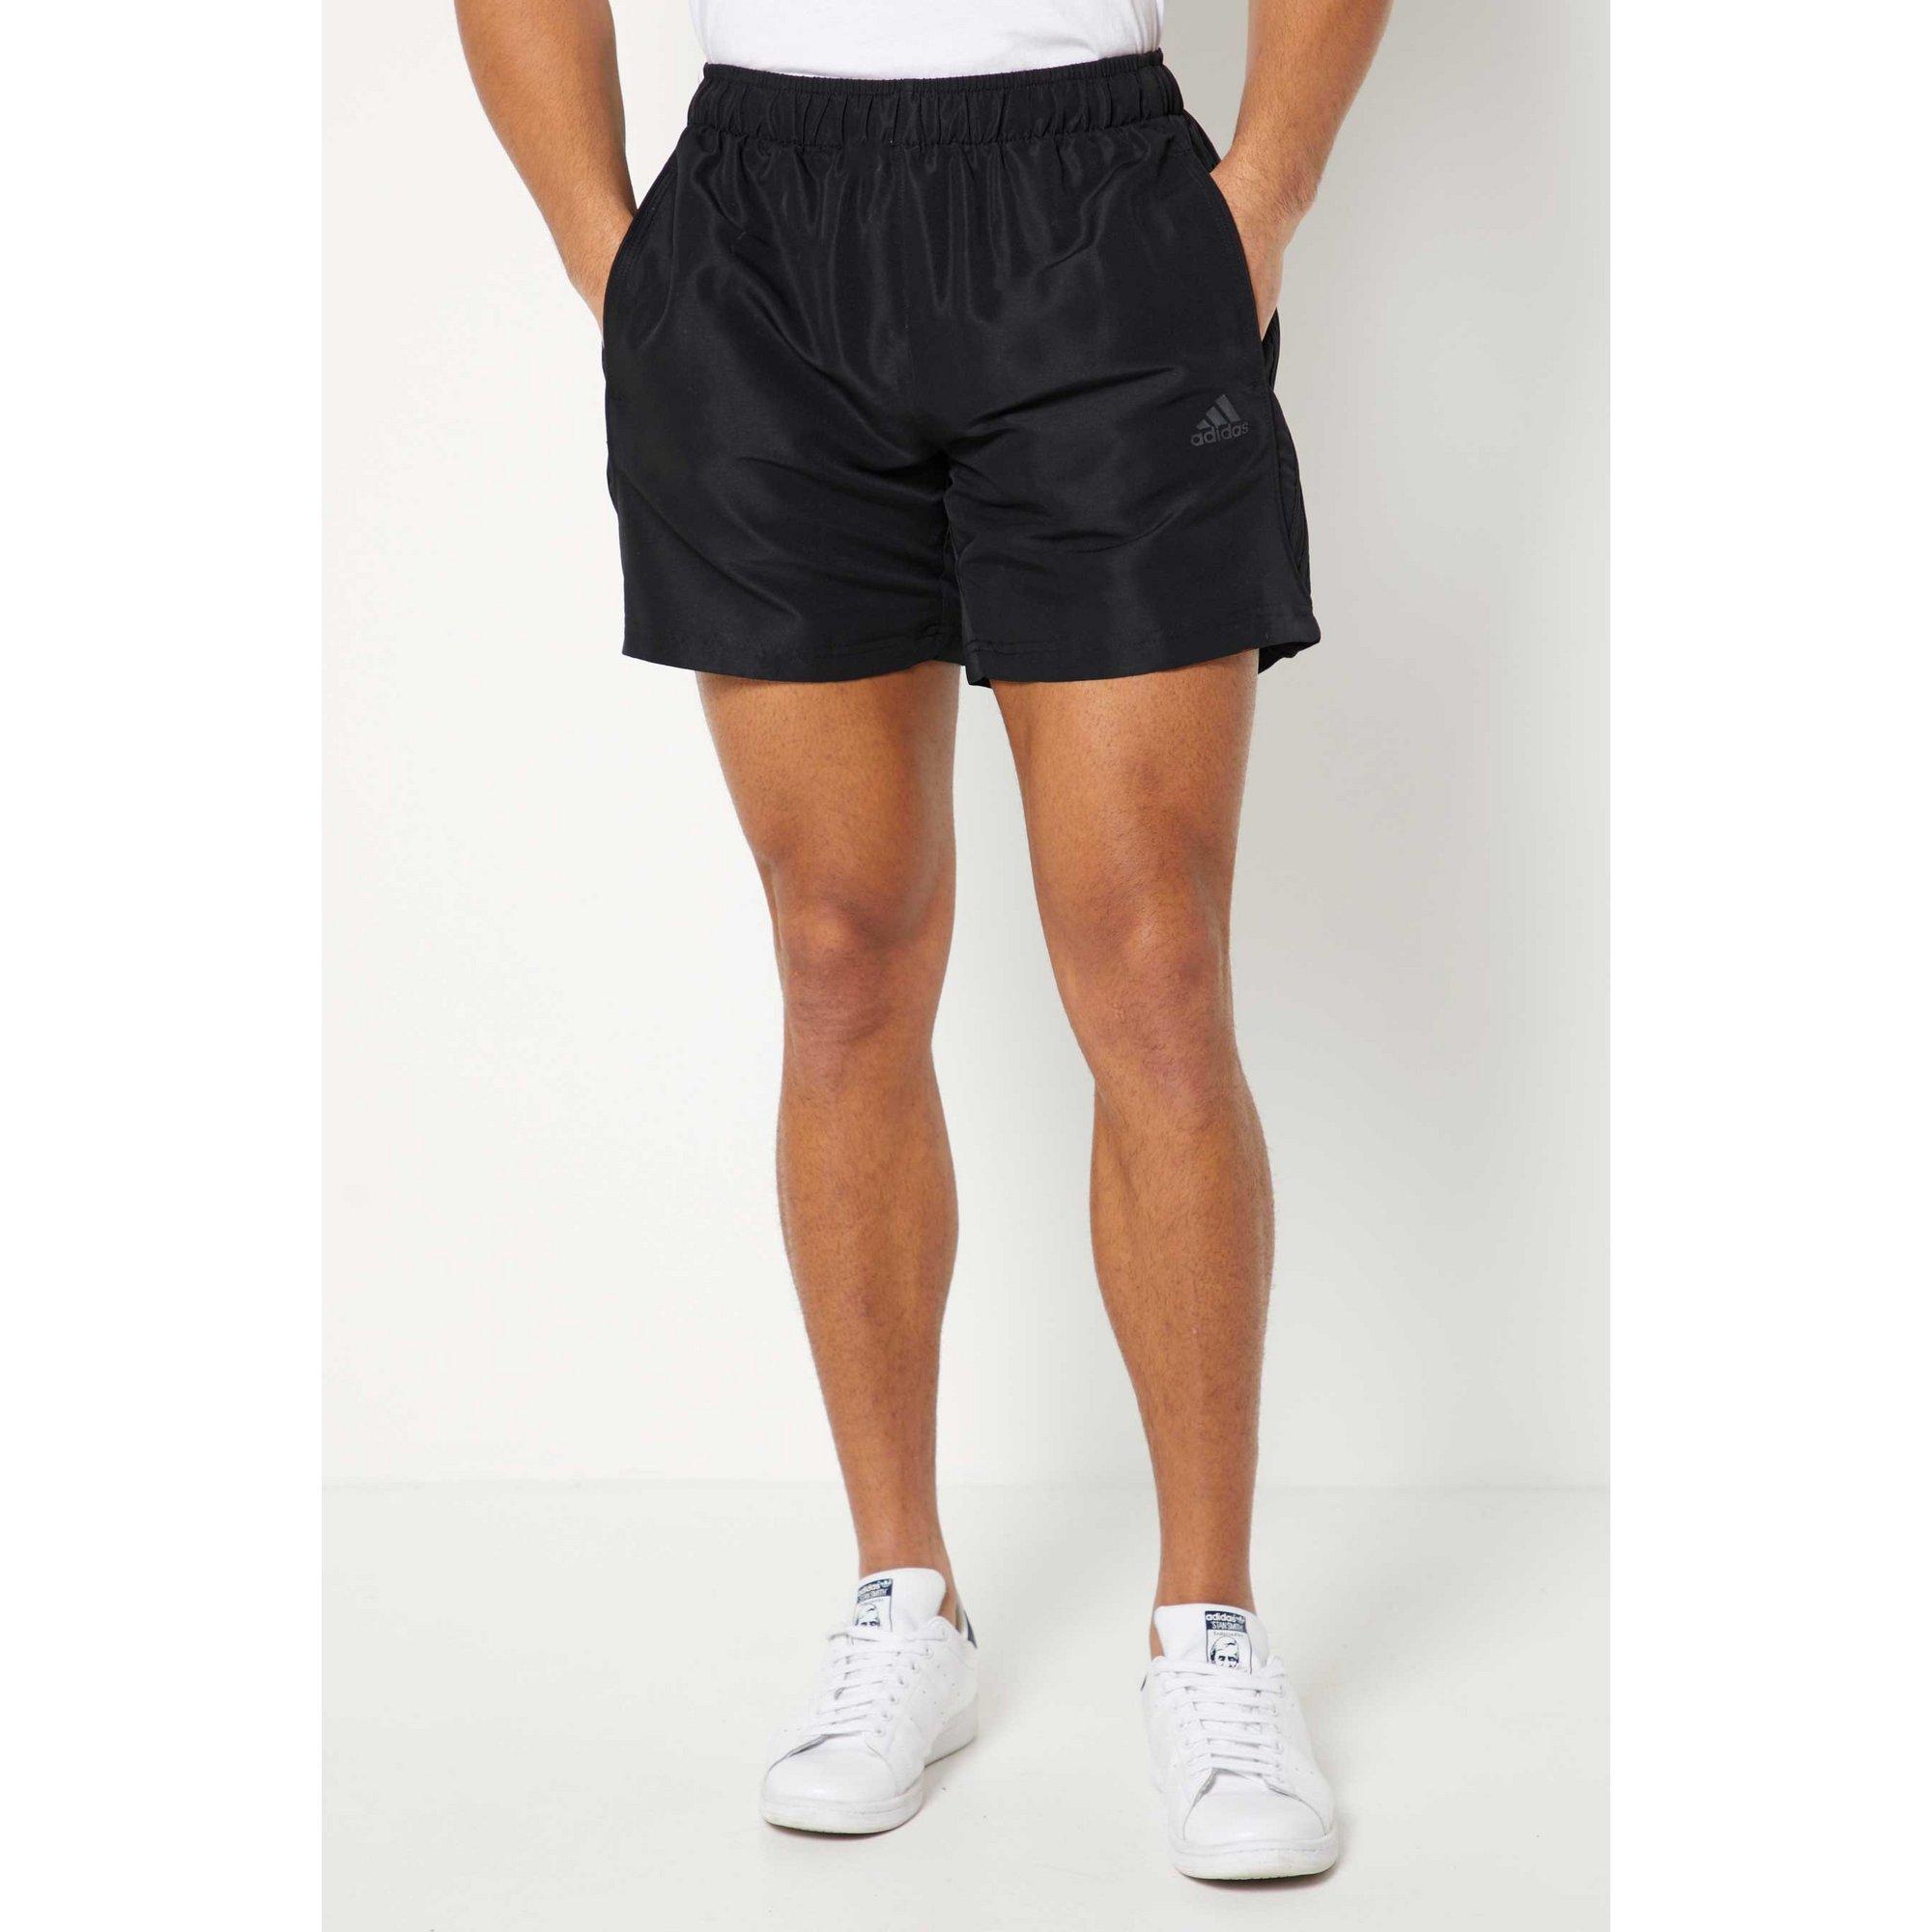 Image of adidas Chelsea Shorts